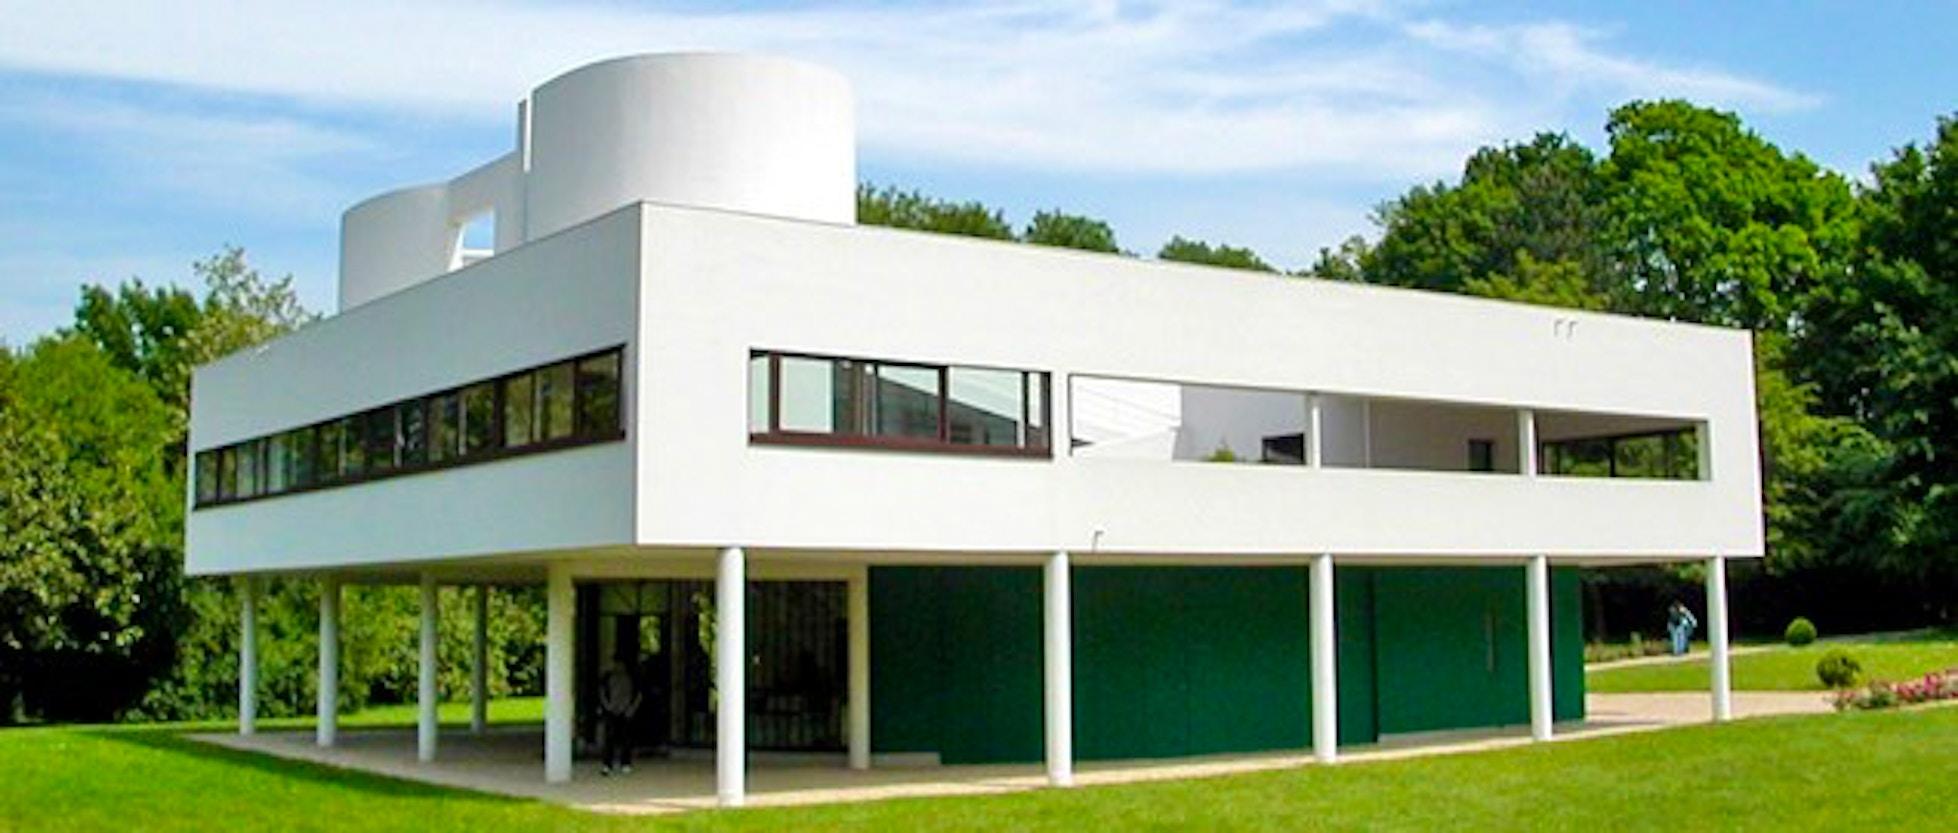 Villa Savoye - L\'architettura di Le Corbusier alle porte di Parigi